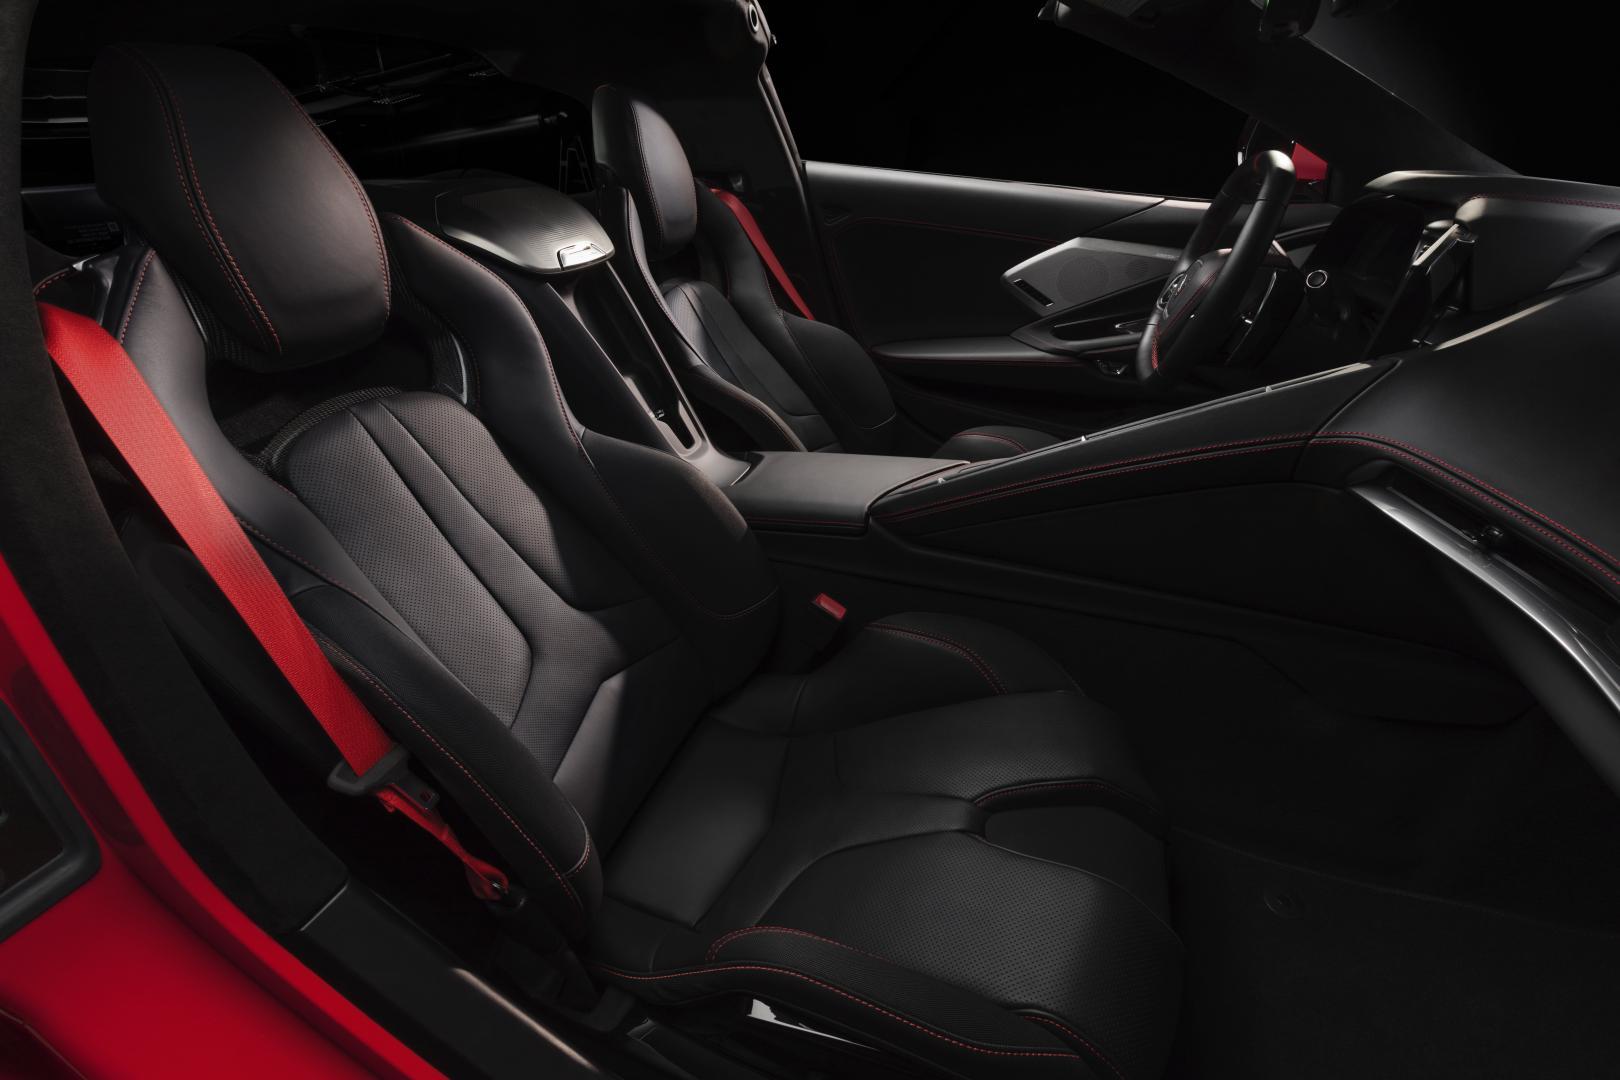 2020 Chevrolet Corvette C8 Stingray interieur stoelen